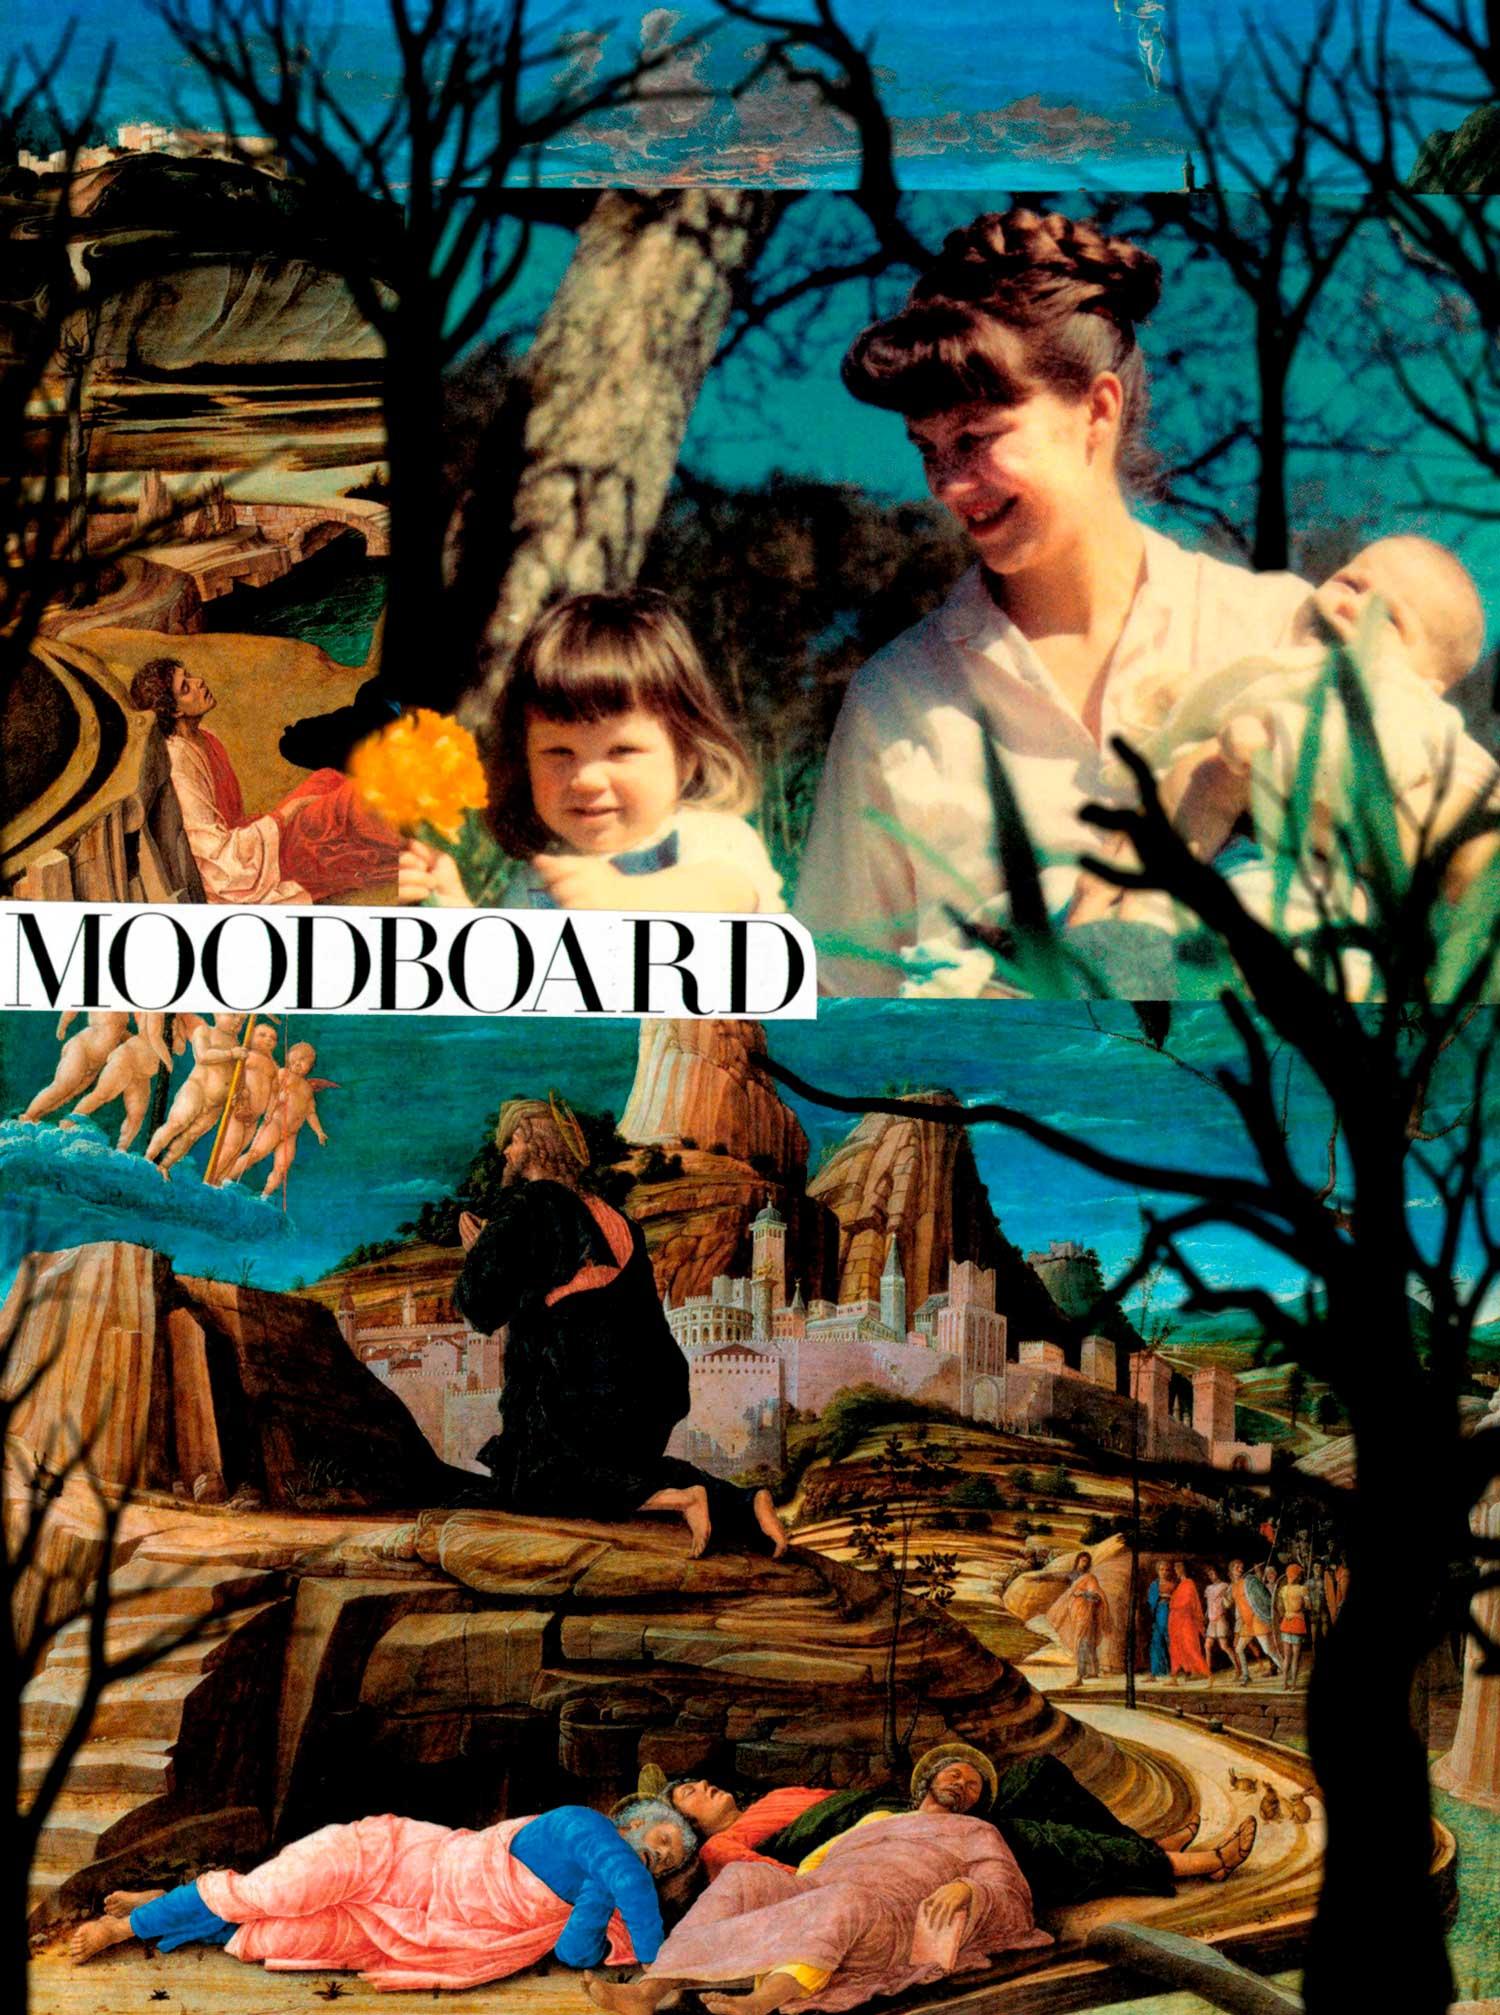 Moodboard - © Jeanette Weston